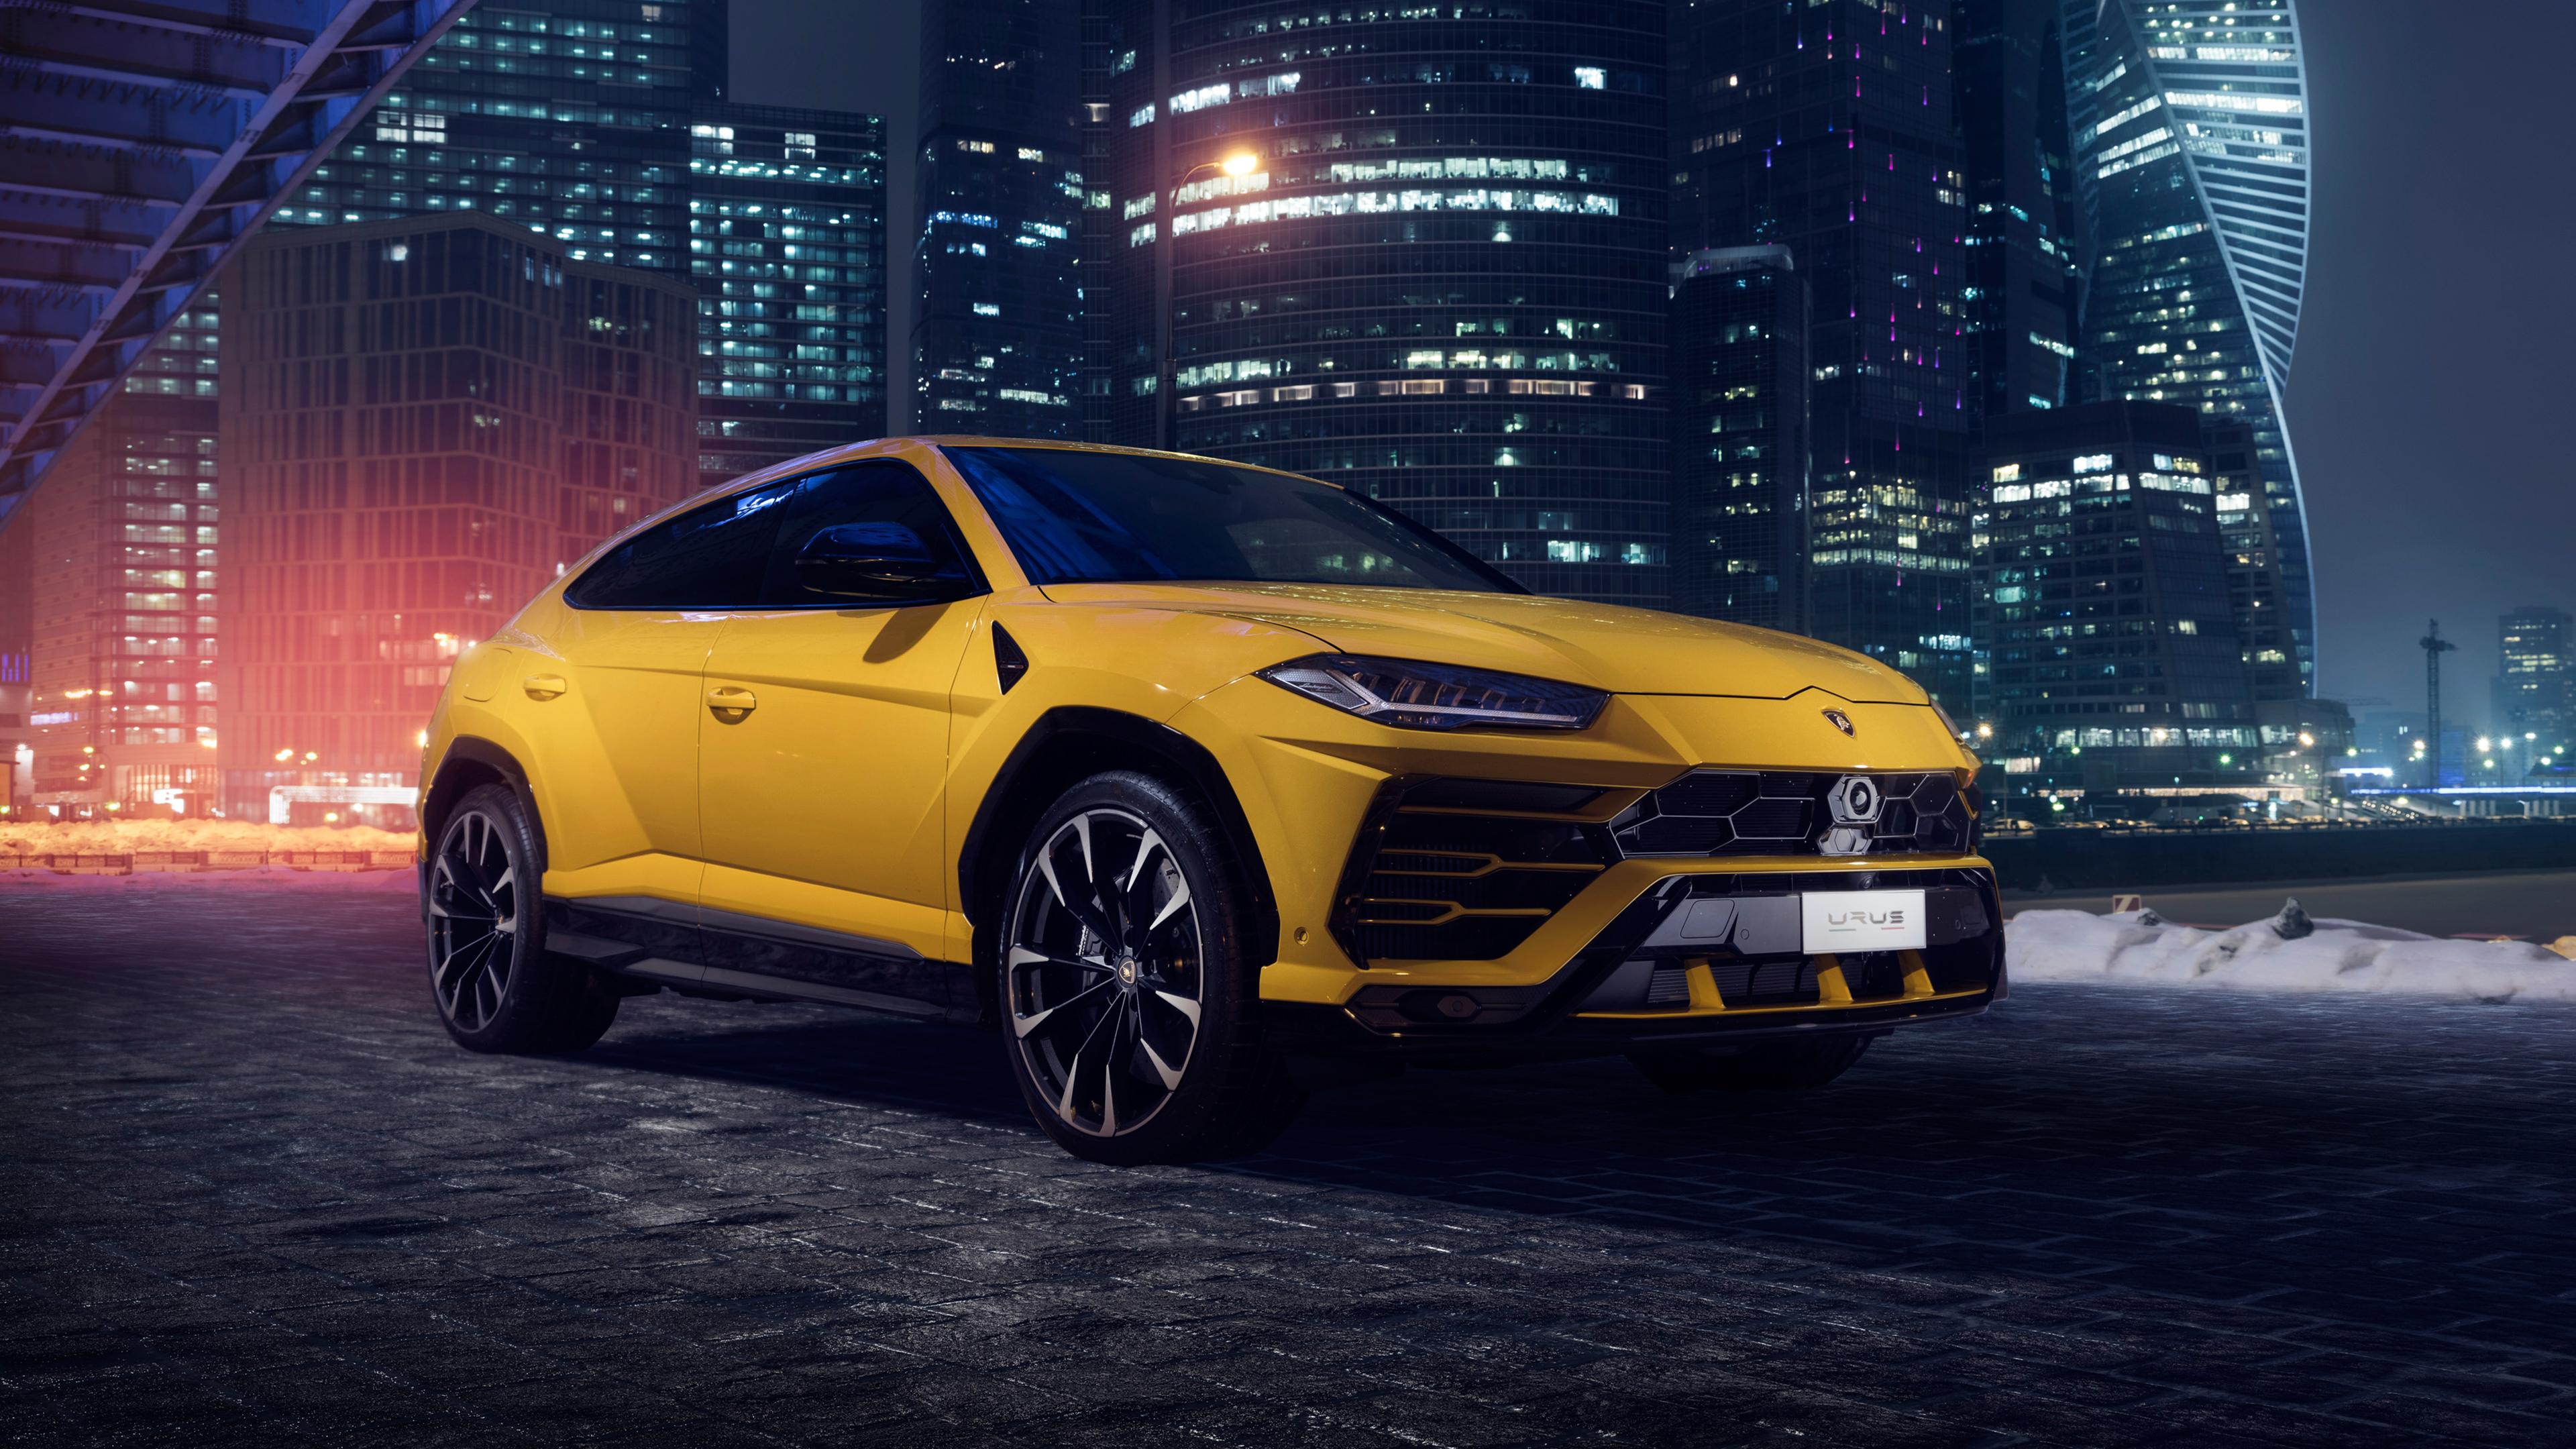 Lamborghini Urus 2018 4k 8 Wallpaper Hd Car Wallpapers